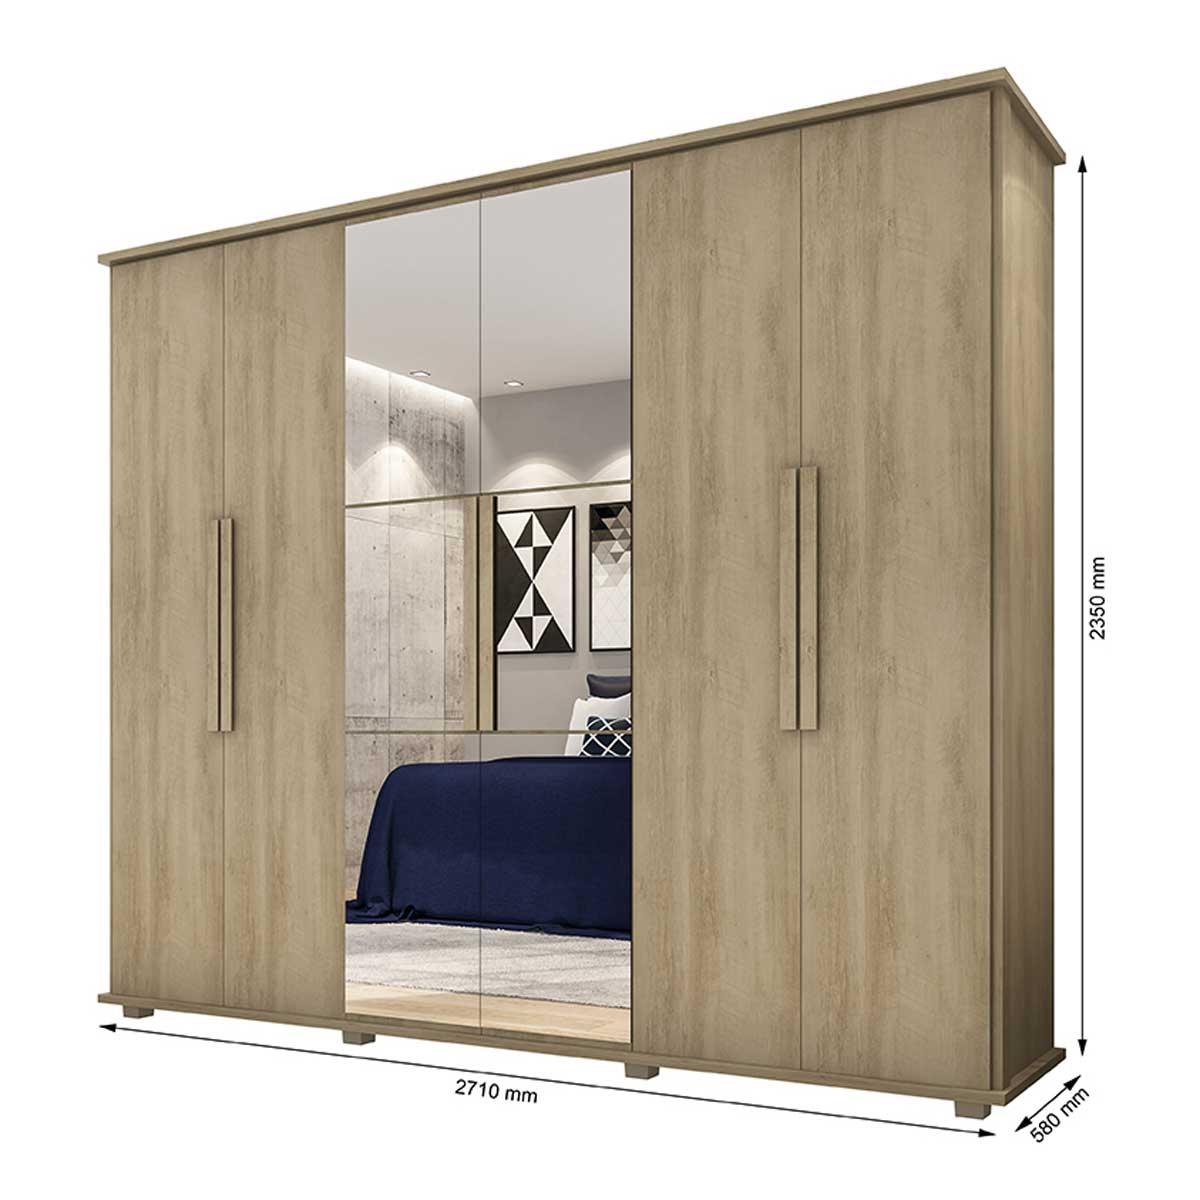 Guarda-Roupa Casal Estrela 6 Portas com Espelho Niágara - RV Móveis